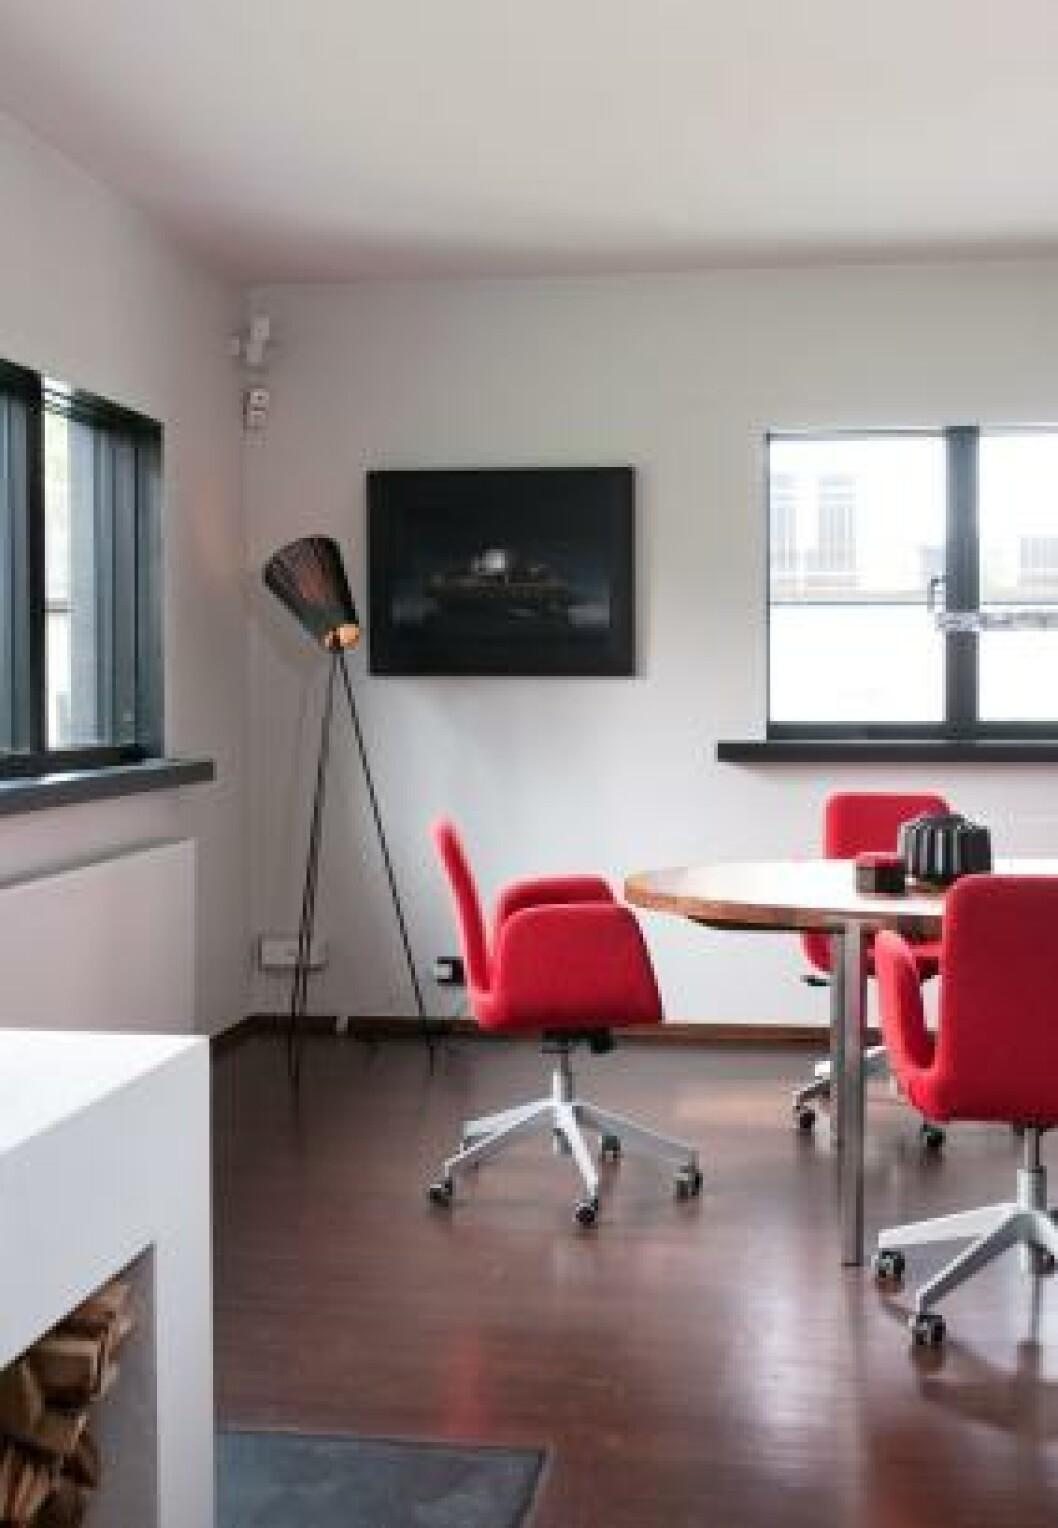 <strong>MØBLERT SOM MØTEROM:</strong> Spisestua kan ligne et møterom på grunn av de røde svingstolene fra Ikea. Foto: Espen Grønli